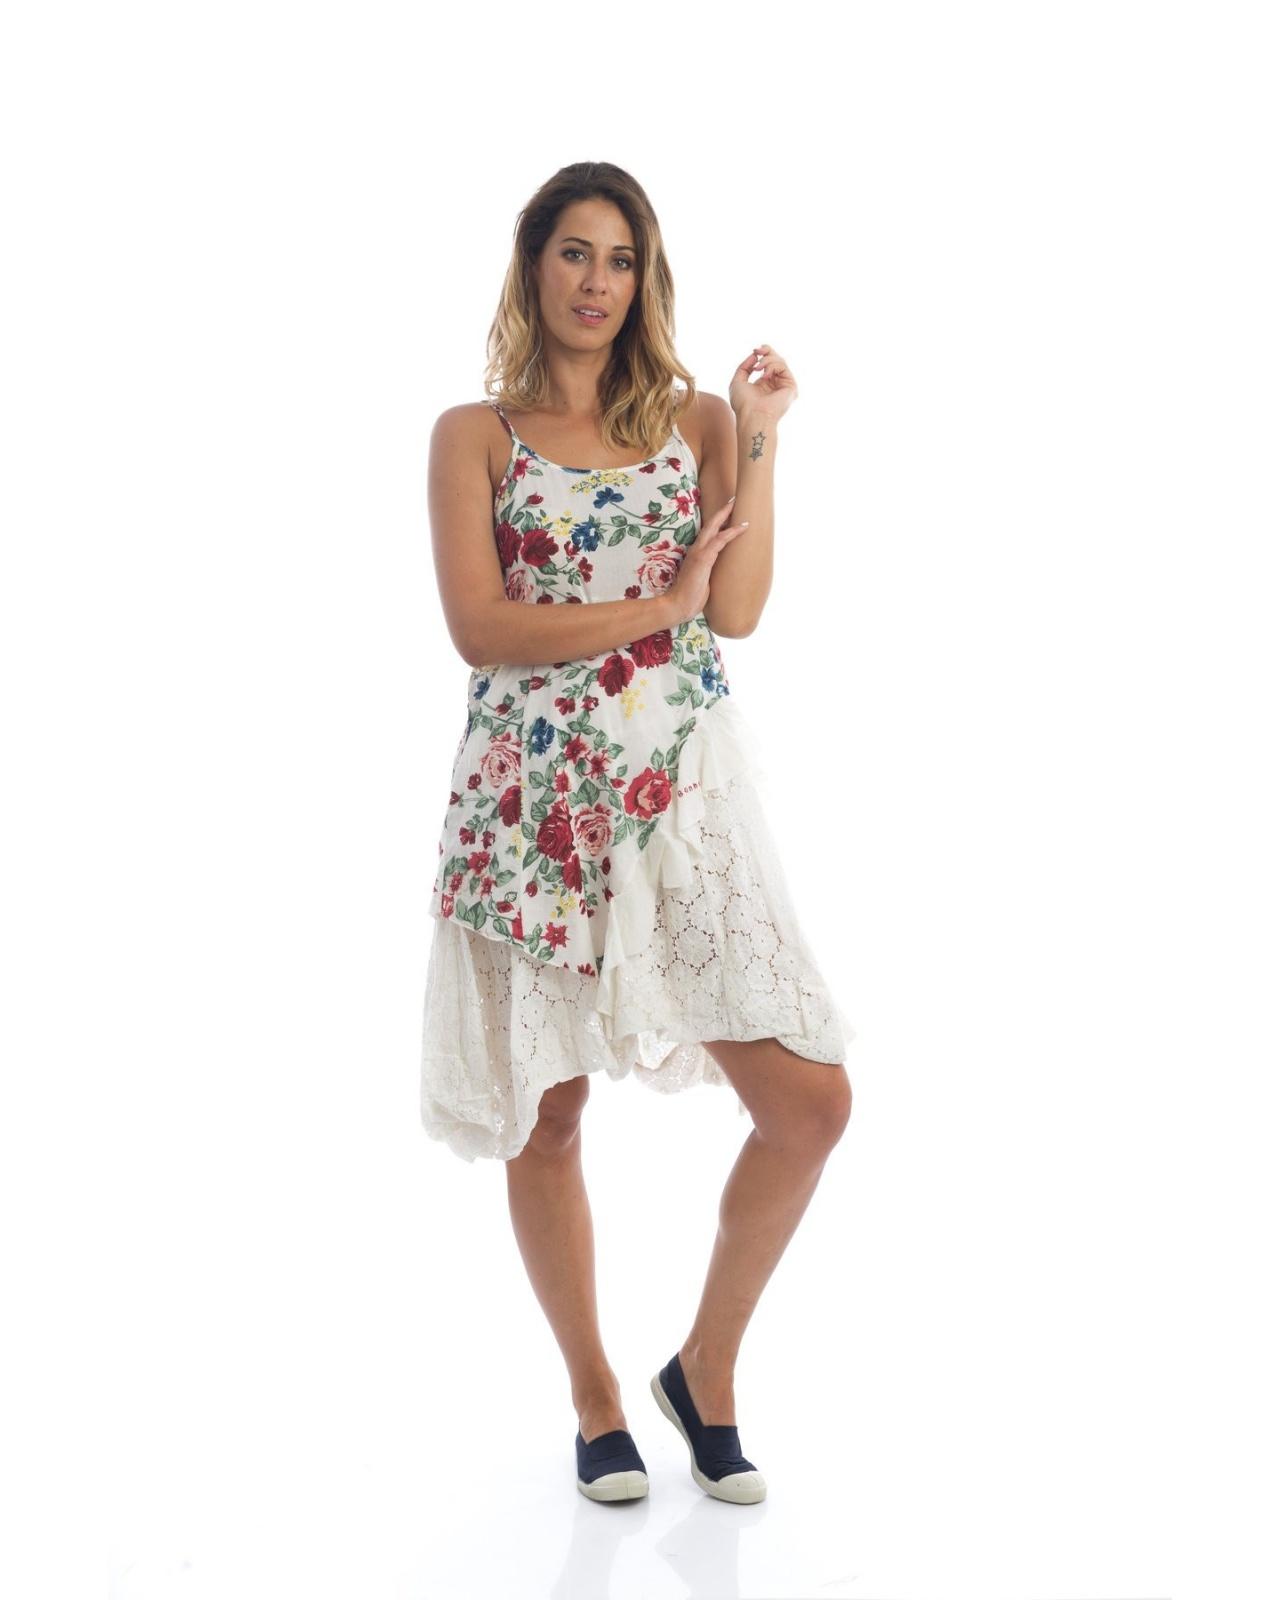 e3083c98dc3 Petite robe fleurie avec fines bretelles réglables